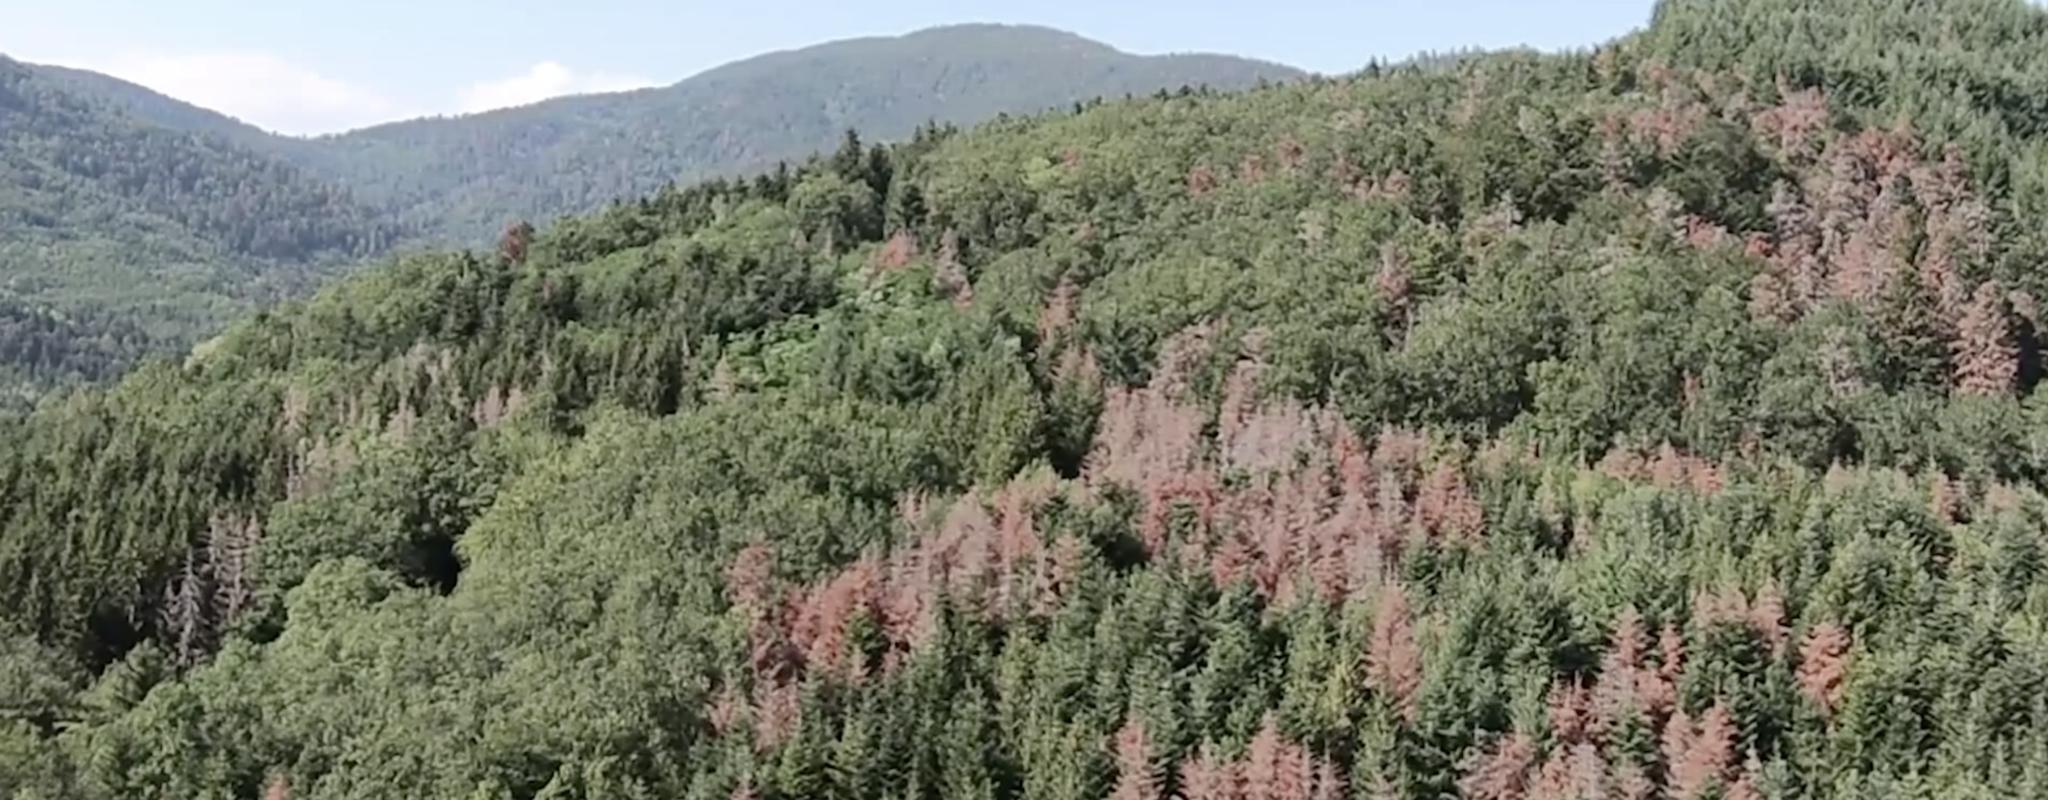 Sécheresse : les forêts du Grand Est meurent de soif